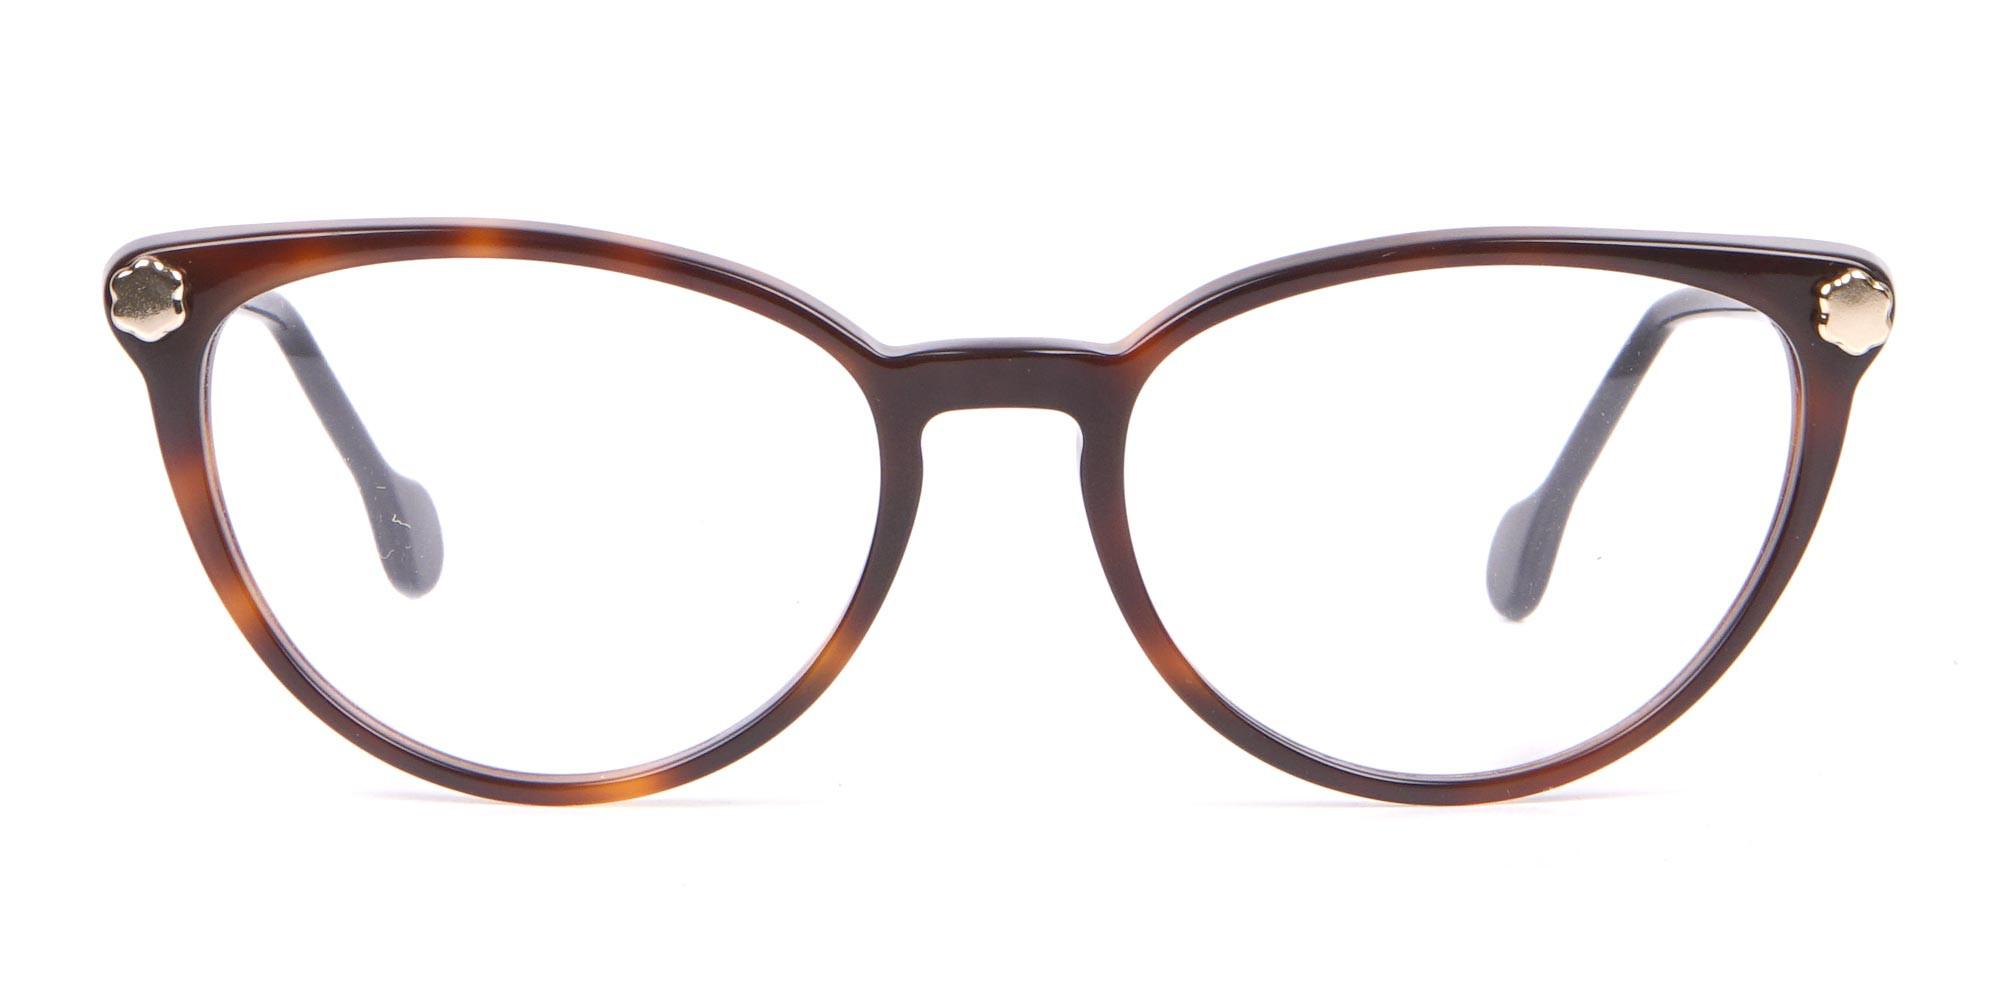 Salvatore Ferragamo SF2837 Women's Cateye Glasses Tortoise-1